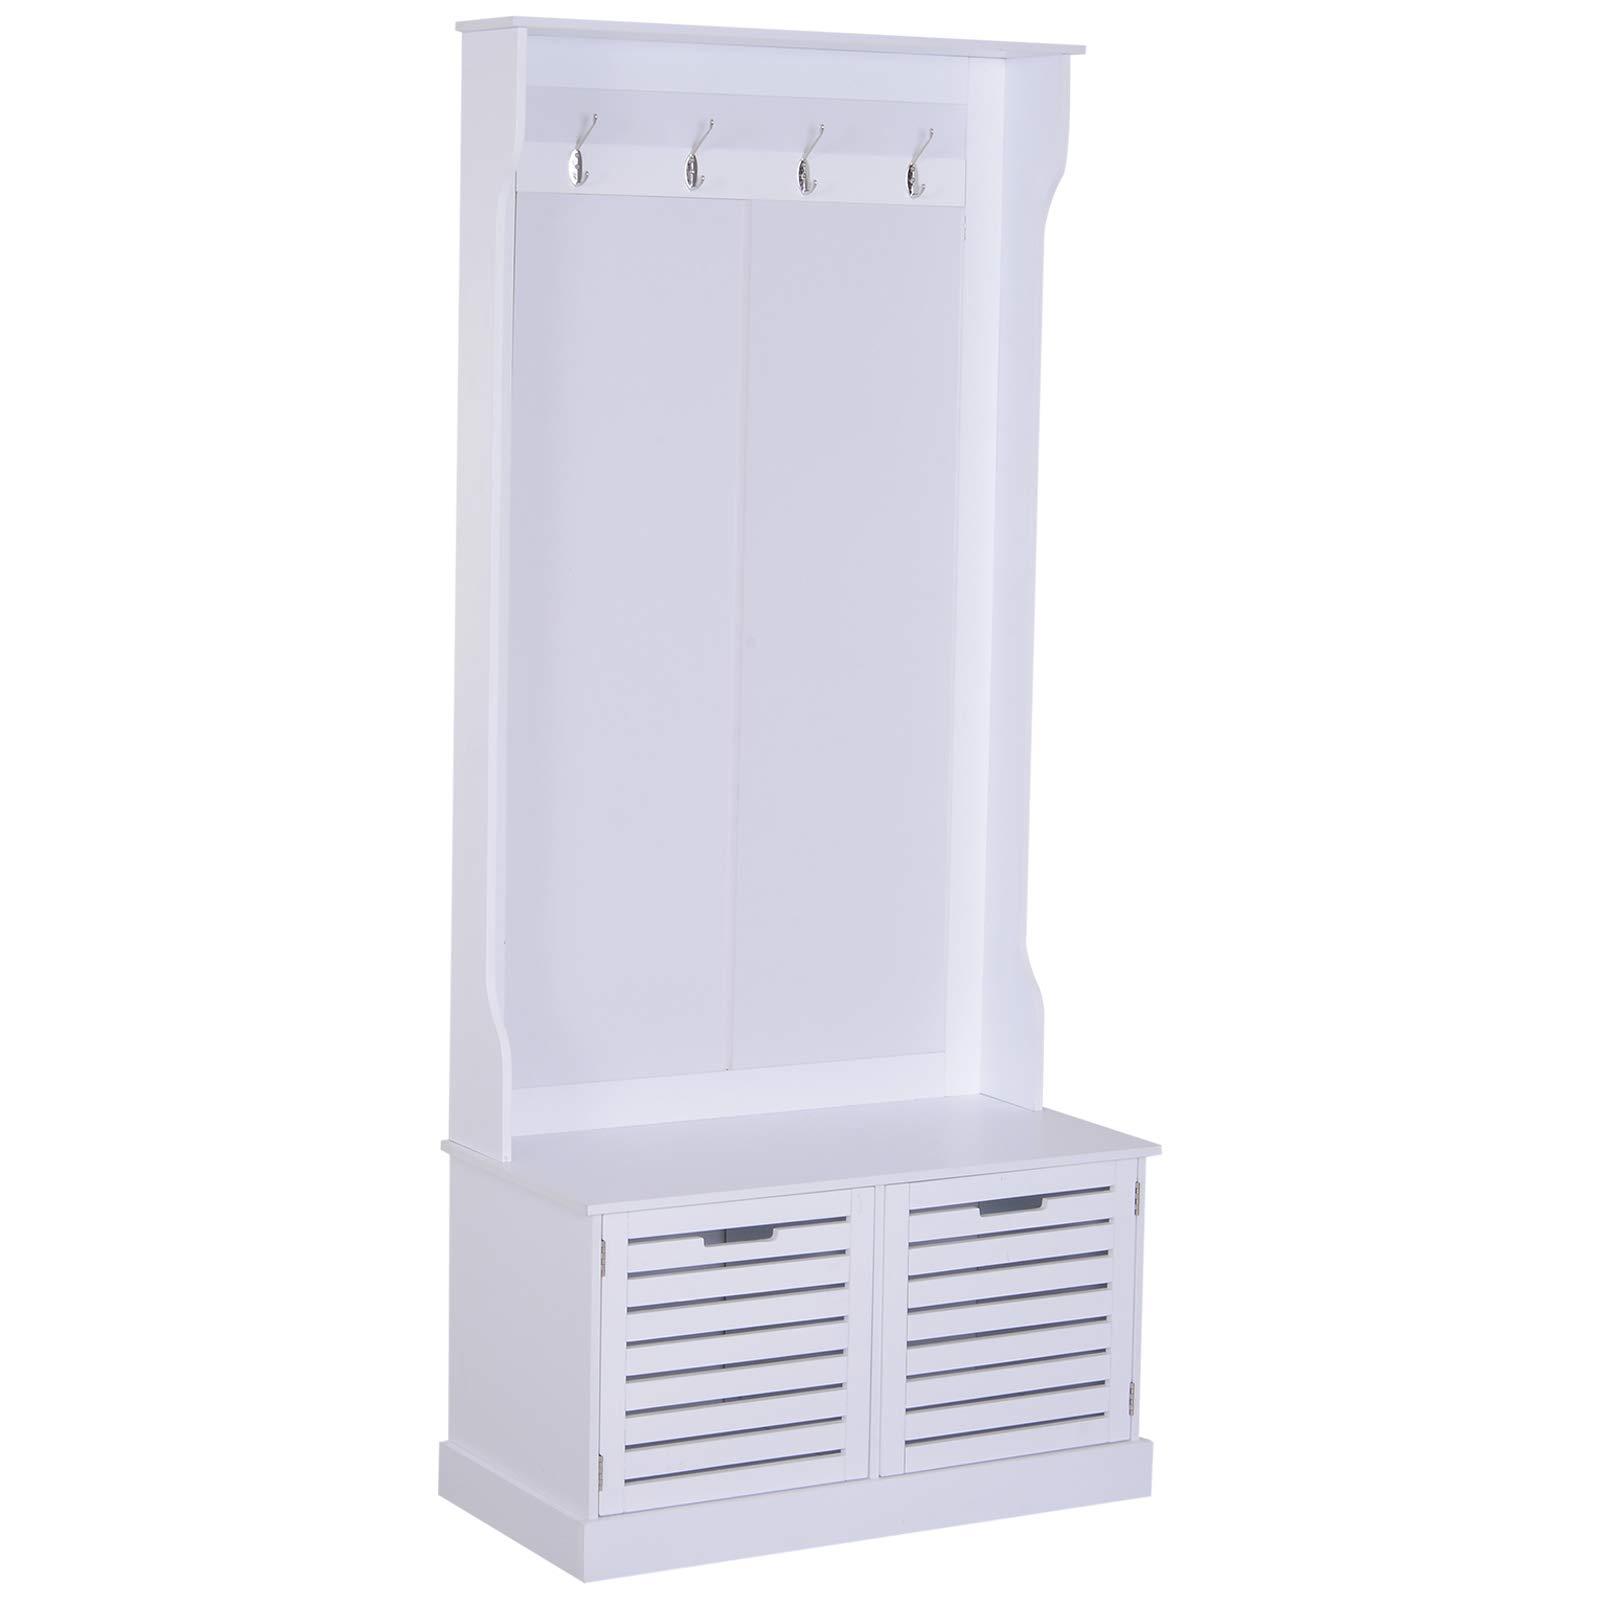 HOMCOM Garderobe Garderobenständer Kleiderständer mit Sitzbank Kleiderhaken MDF Weiß 80 x 40 x 180 cm 1